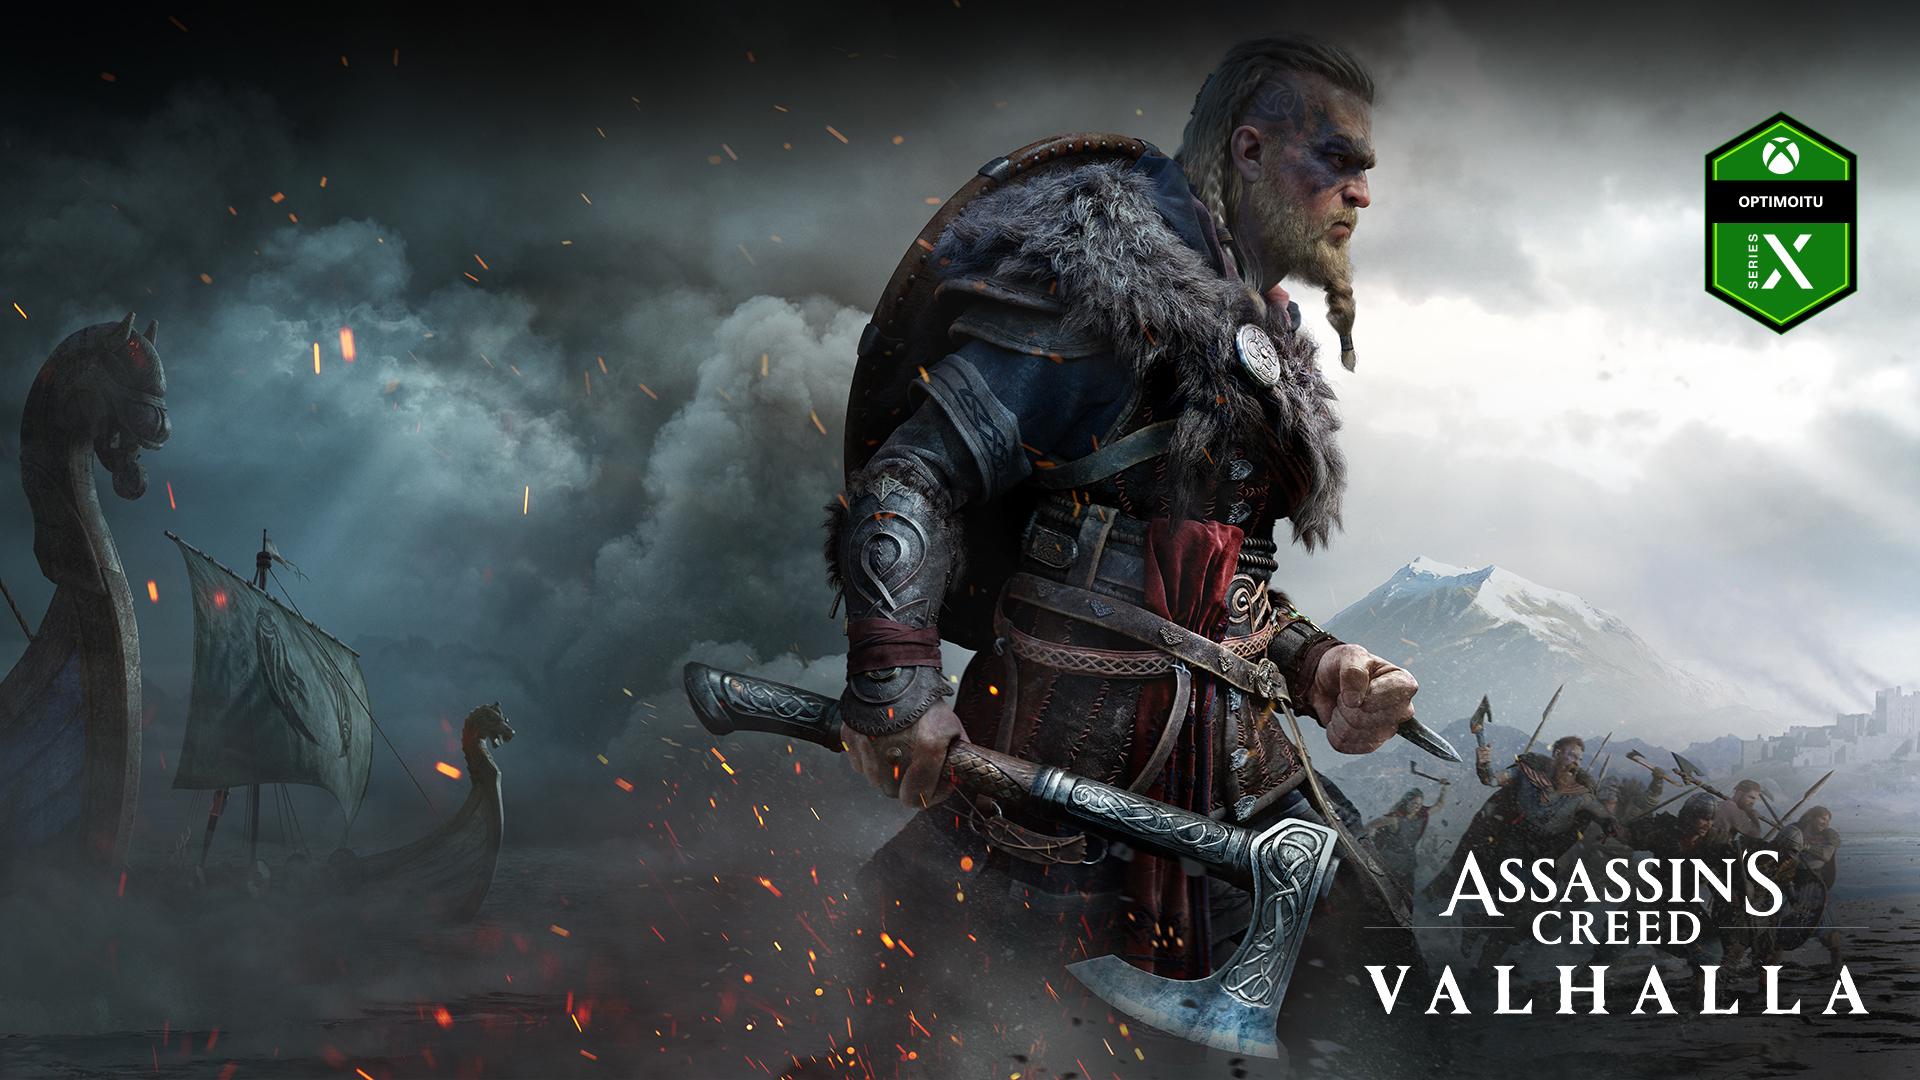 Optimoitu Xbox Series X -logo, Assassin's Creed Valhalla, hahmo kirveen kanssa, laivoja sumussa ja taistelu